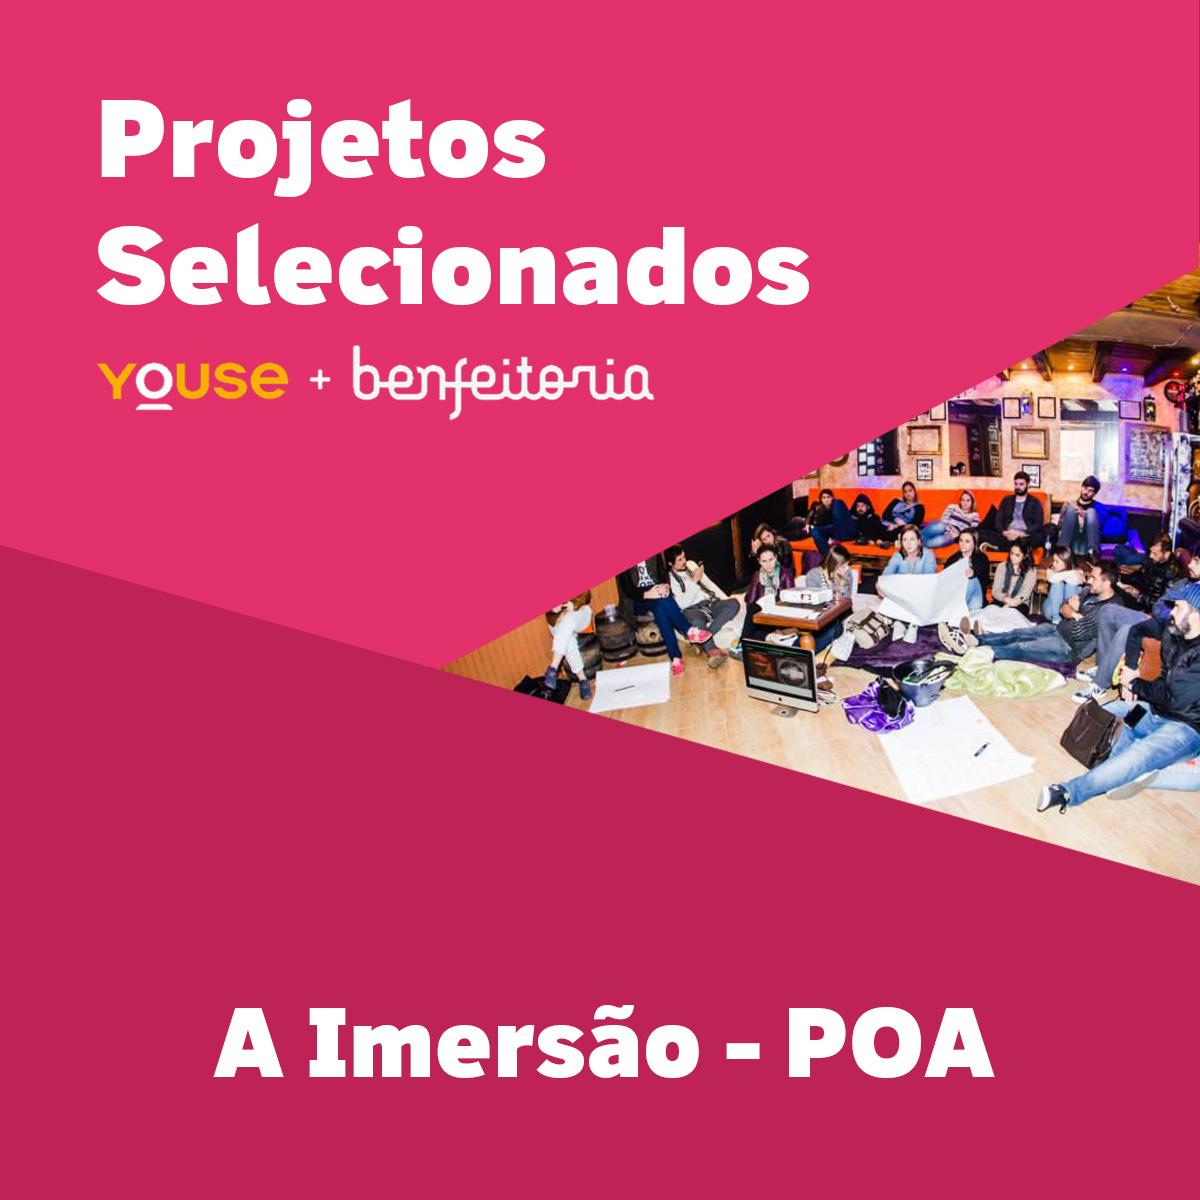 Projetos Selecionados - A Imersão - POA